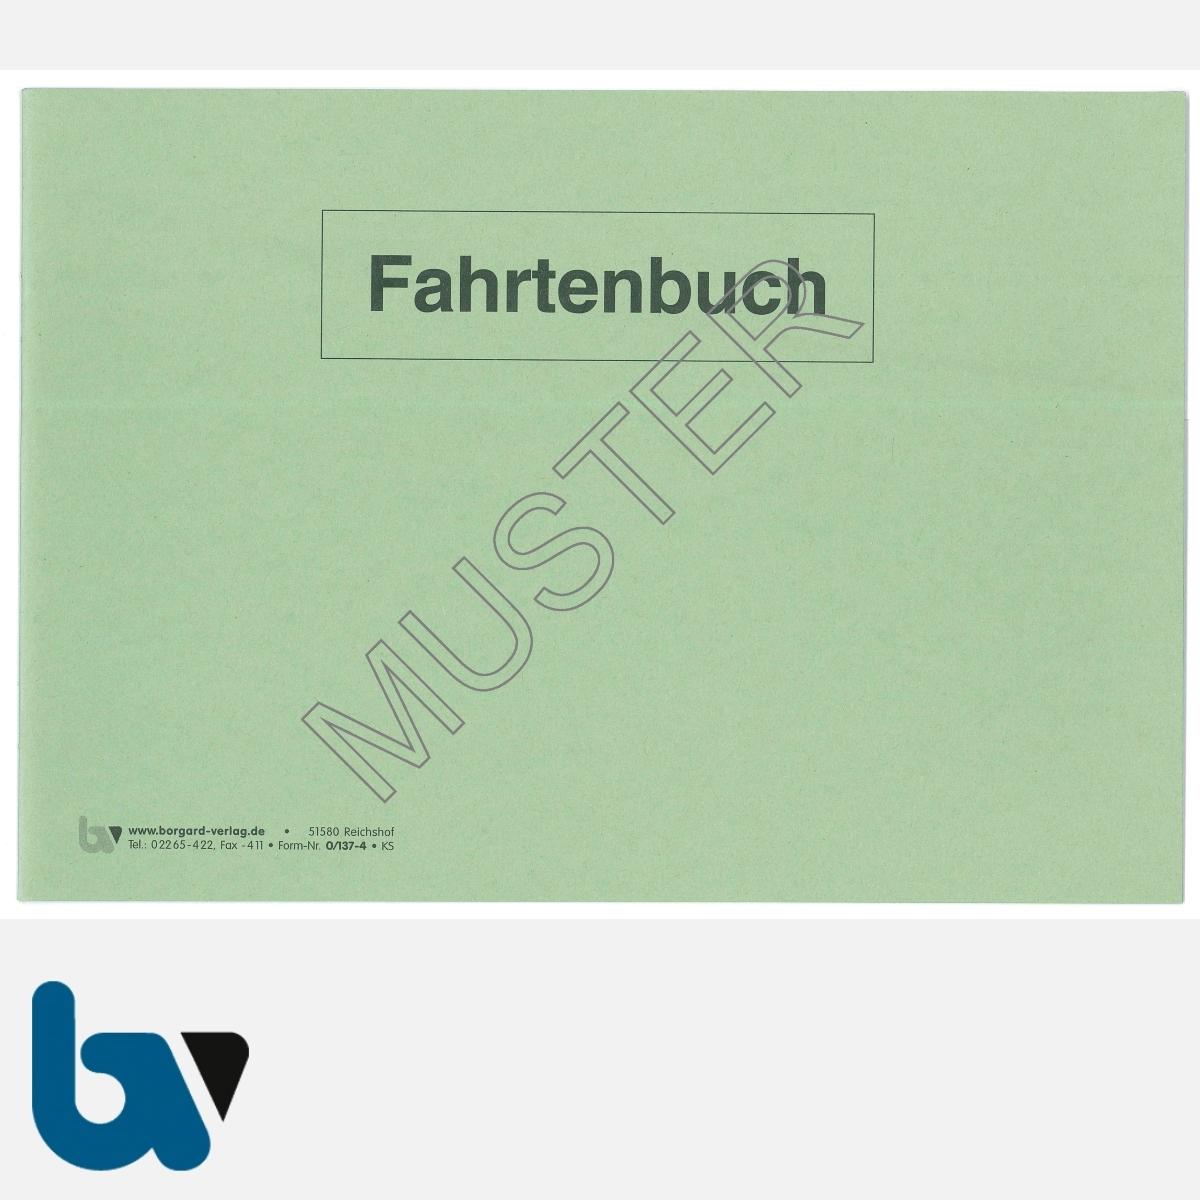 0/137-4 Fahrtenbuch verwaltungseigene Fahrzeug Lkw Kraftrad Dienstreise dienstlich Verwaltung Behörde DIN A5 Seite 1 | Borgard Verlag GmbH